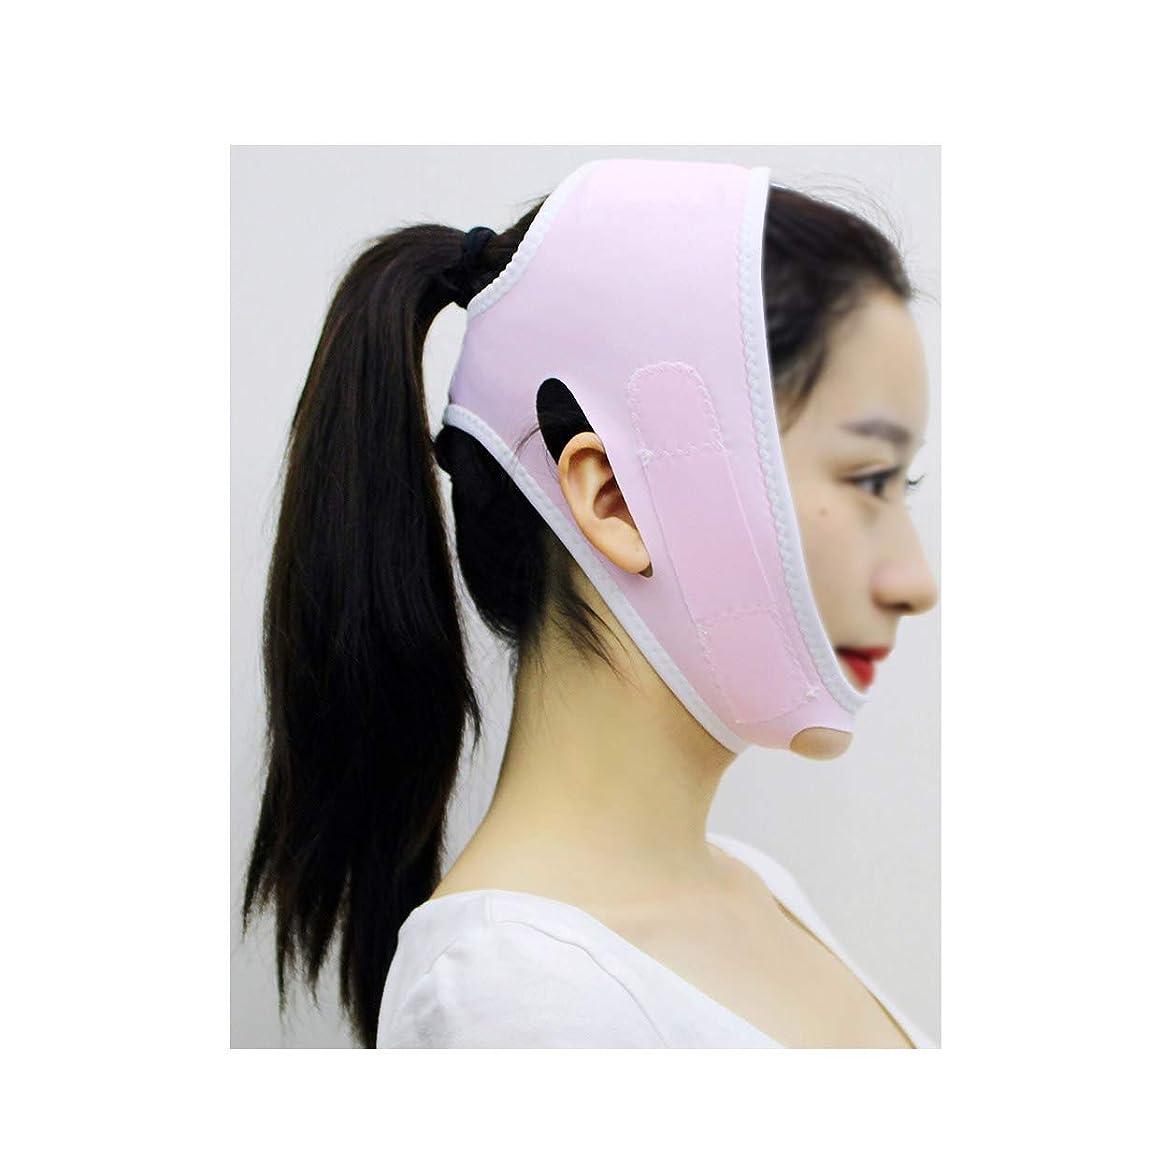 オン図鏡TLMY フェイシャルリフティングマスクあごストラップ修復包帯ヘッドバンドマスクフェイスリフティングスモールVフェイスアーティファクト型美容弾性フェイシャル&ネックリフティング 顔用整形マスク (Color : Pink)